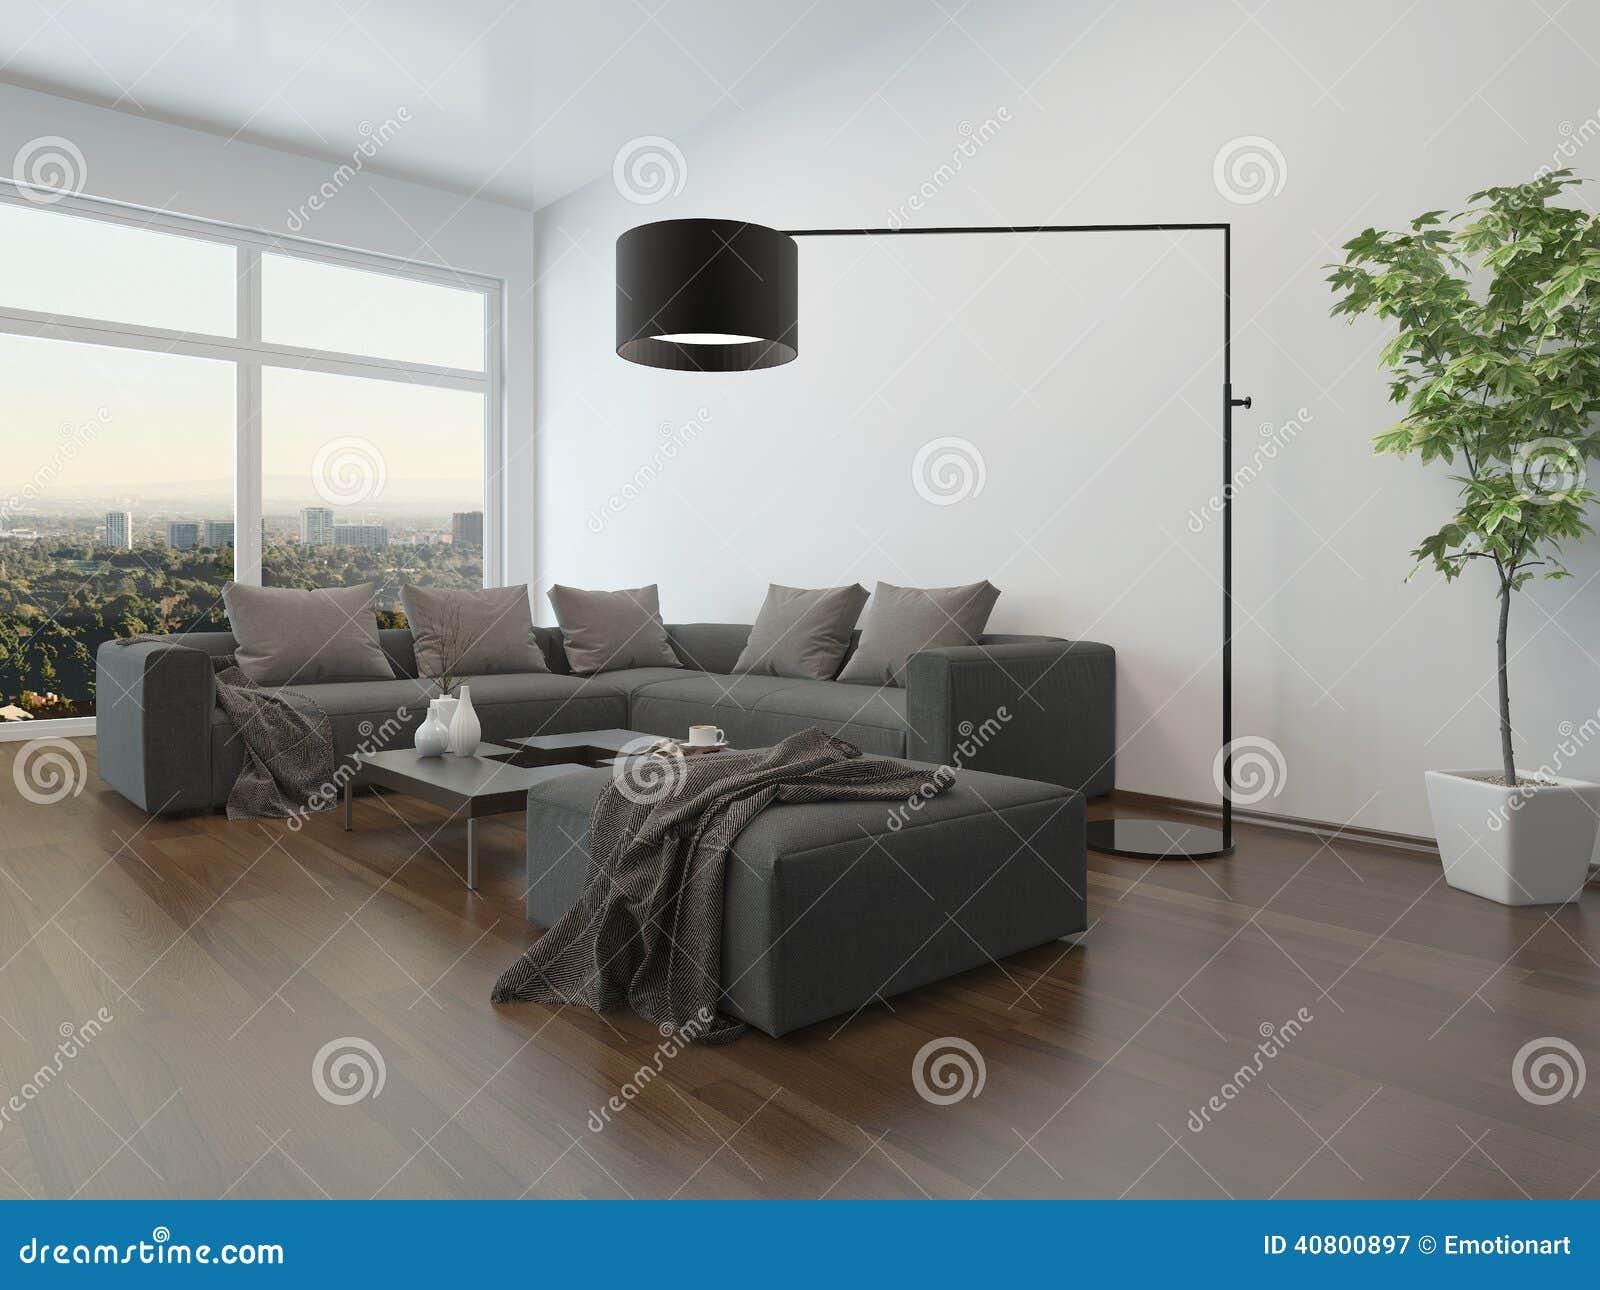 Woonkamer Staande Lamp : Woonkamer binnenlands w grijze laag en staande lamp stock